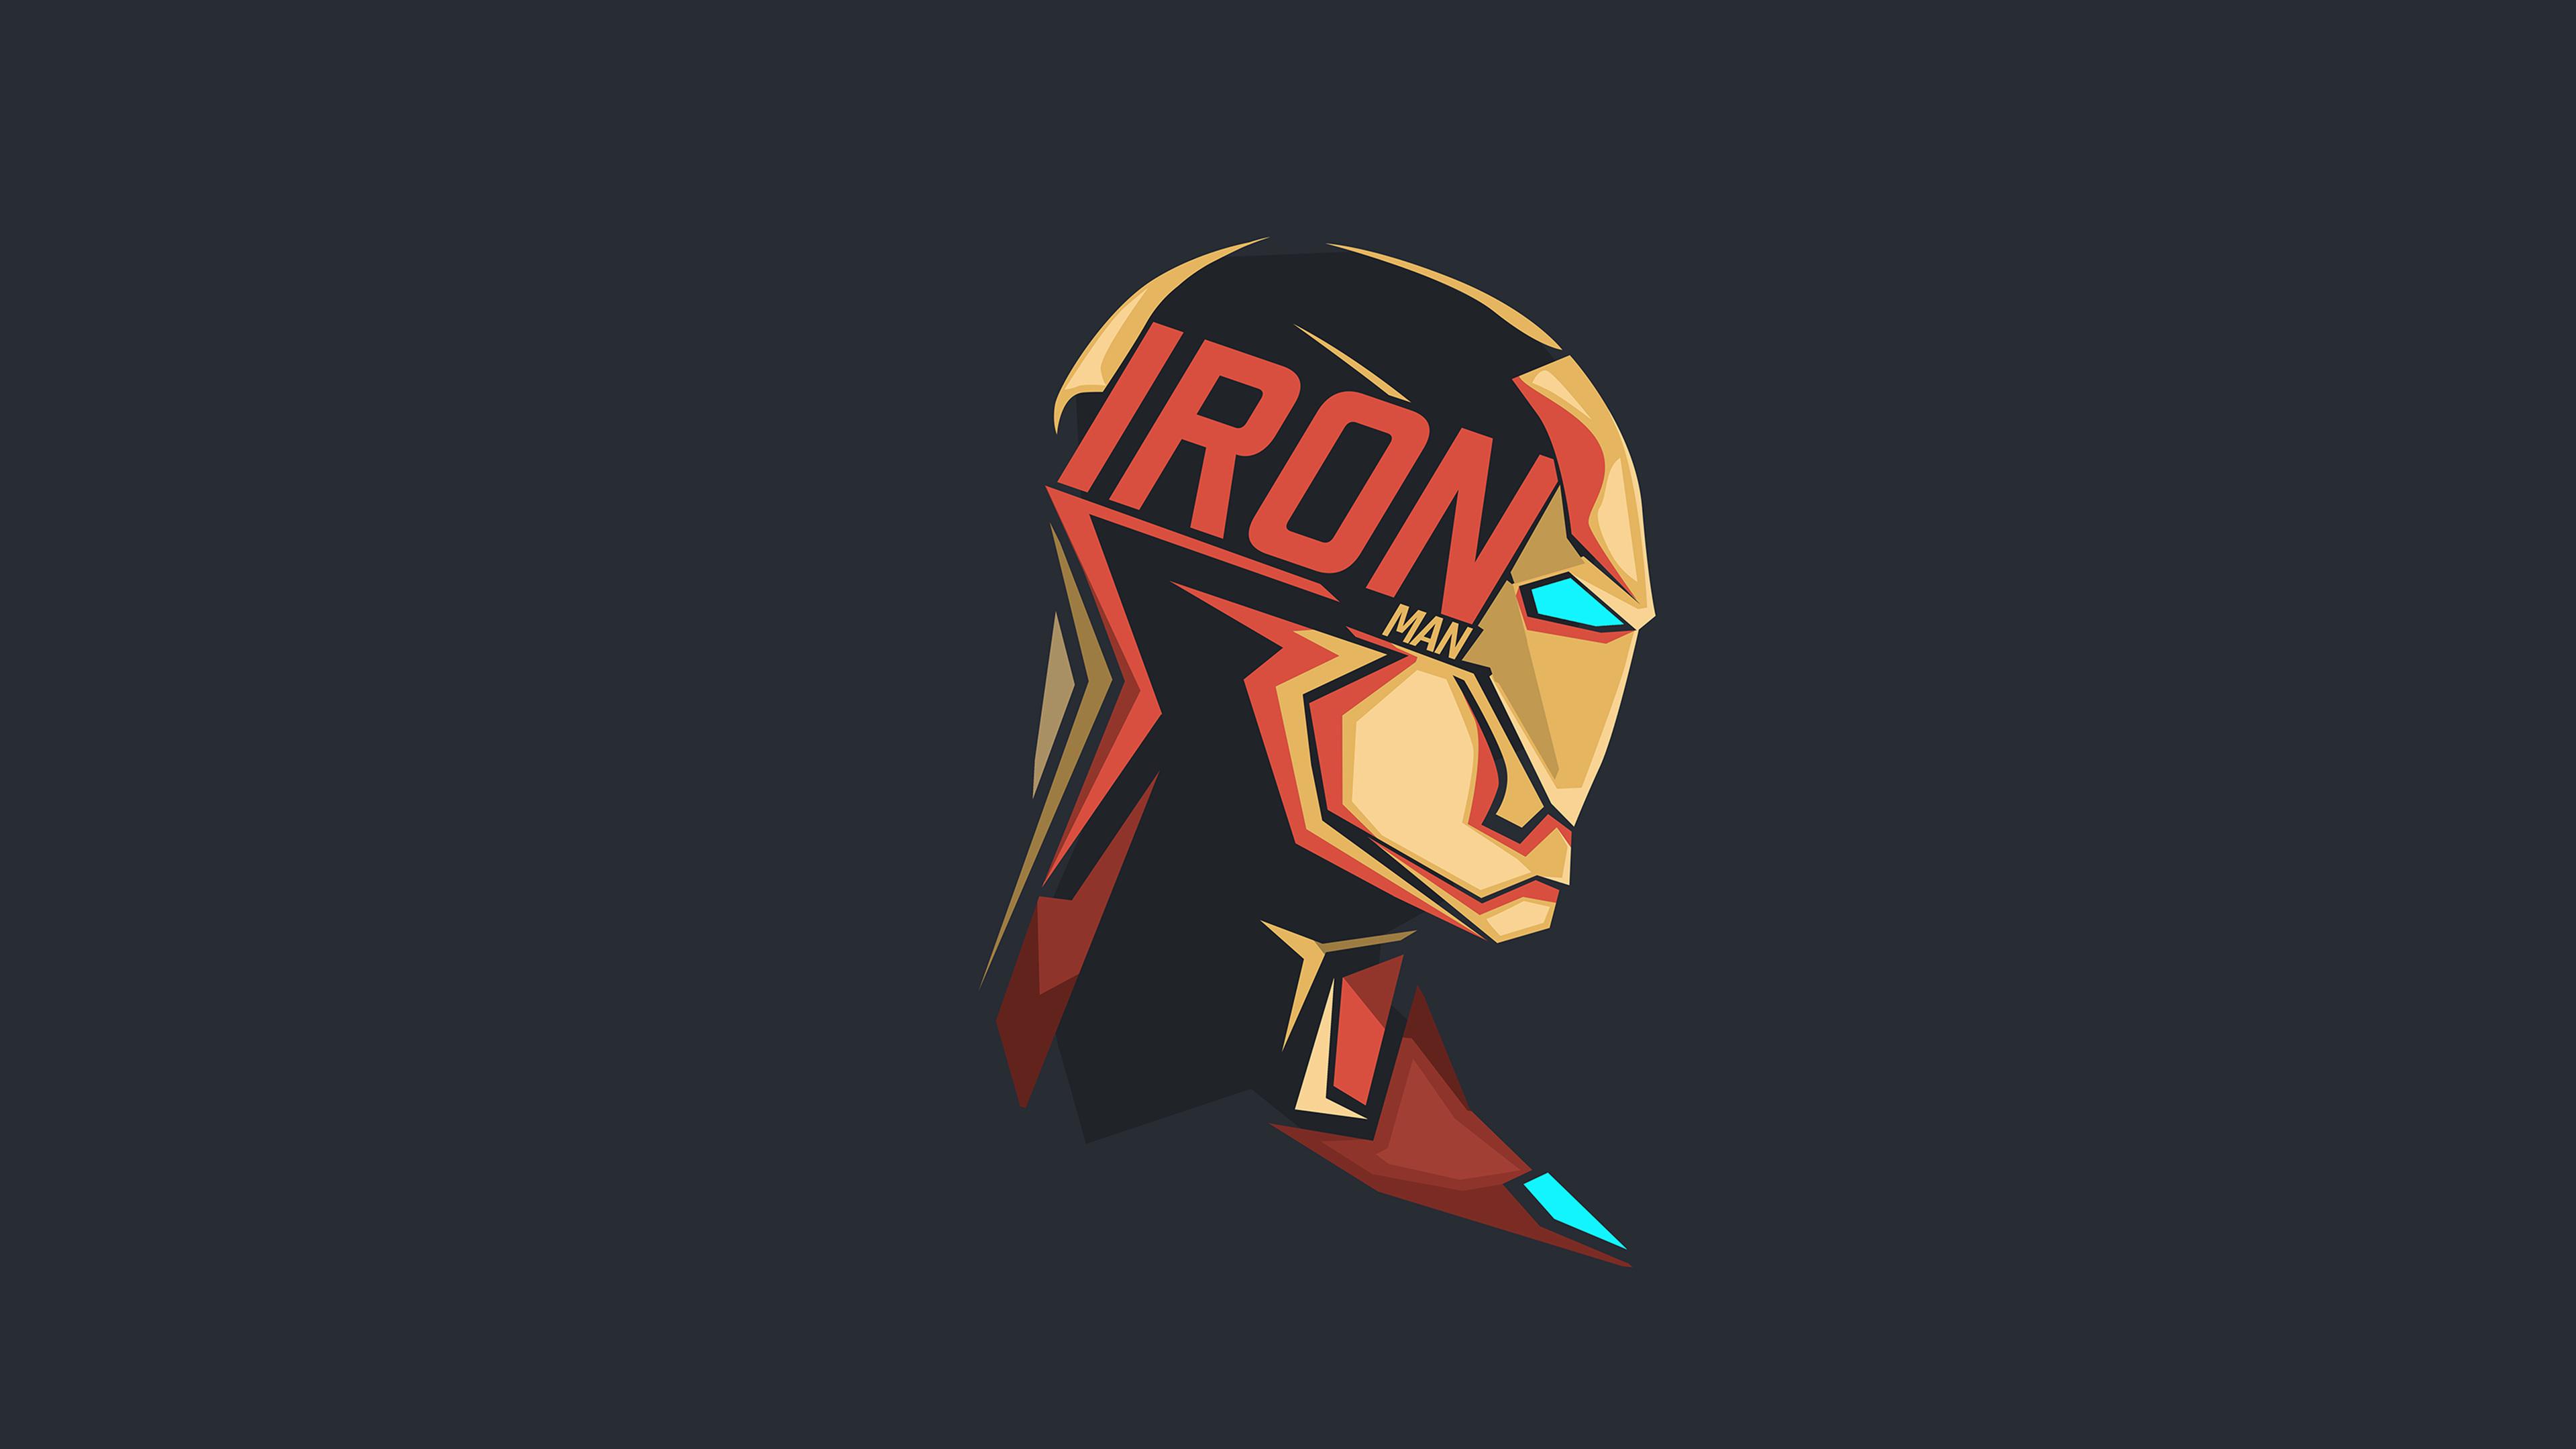 Iron Man Pop Head Minimalism 8k